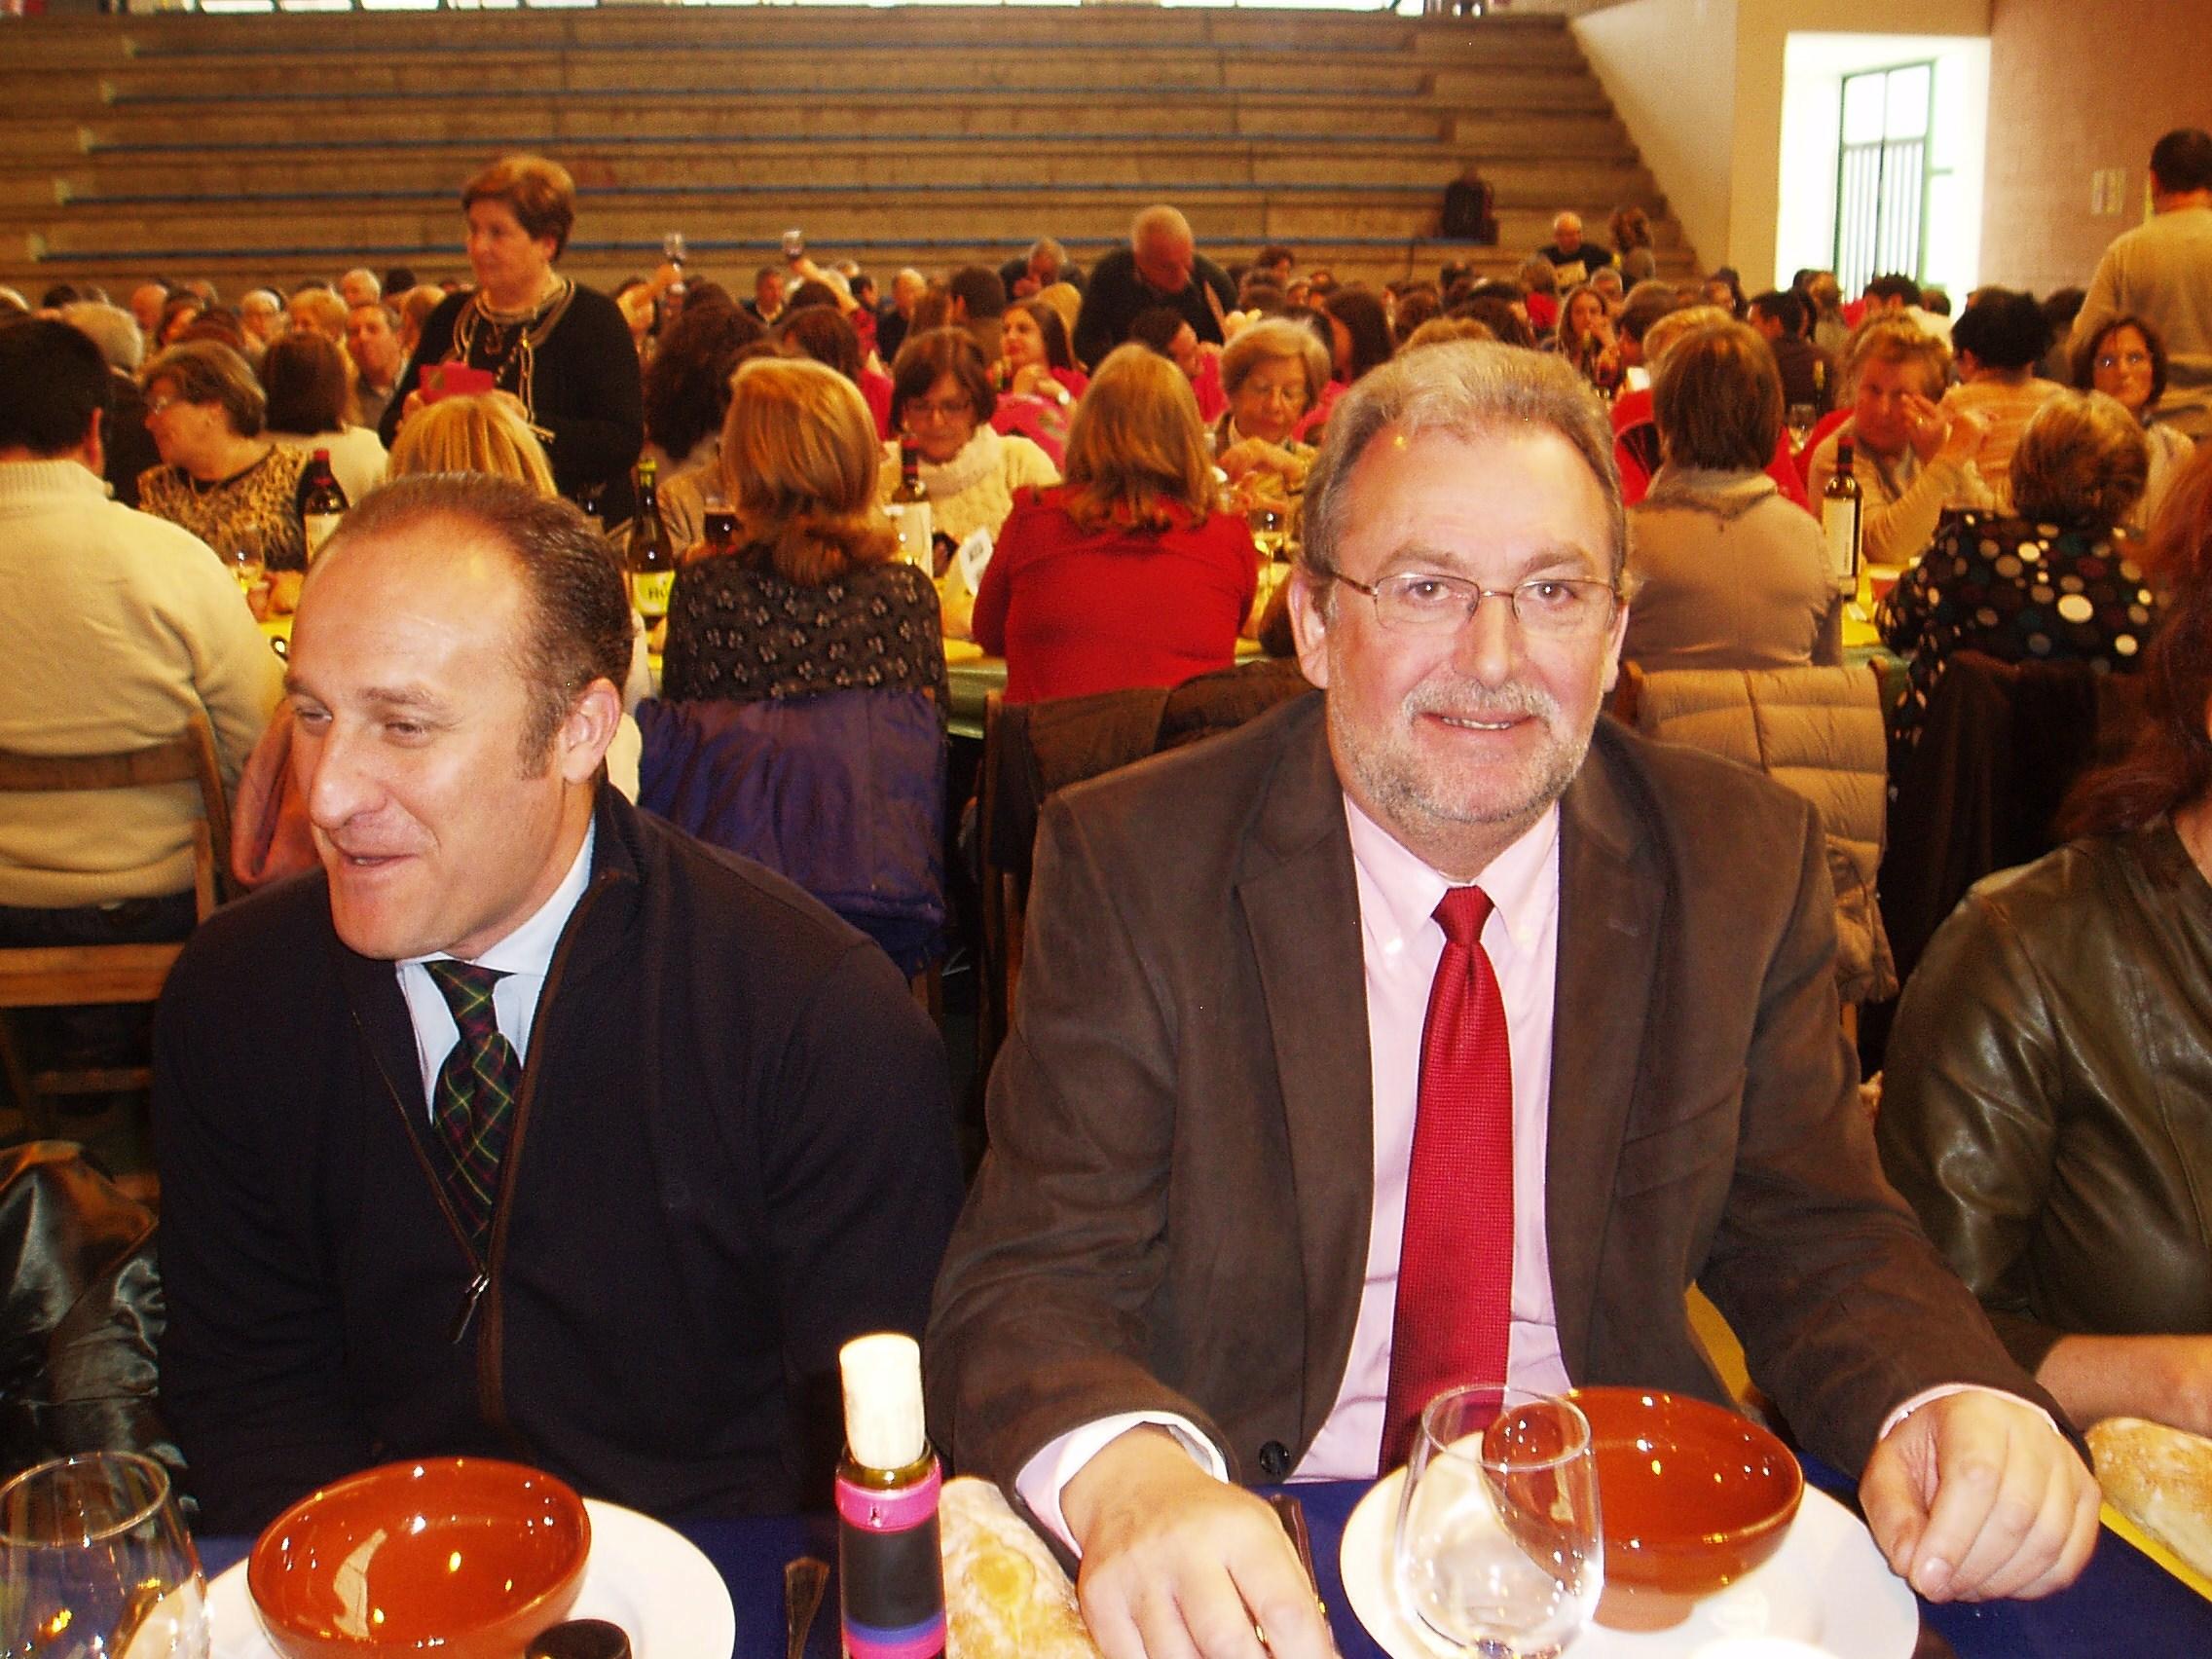 Luis gudiña y Pepe García (alcalde de Almendralejo)